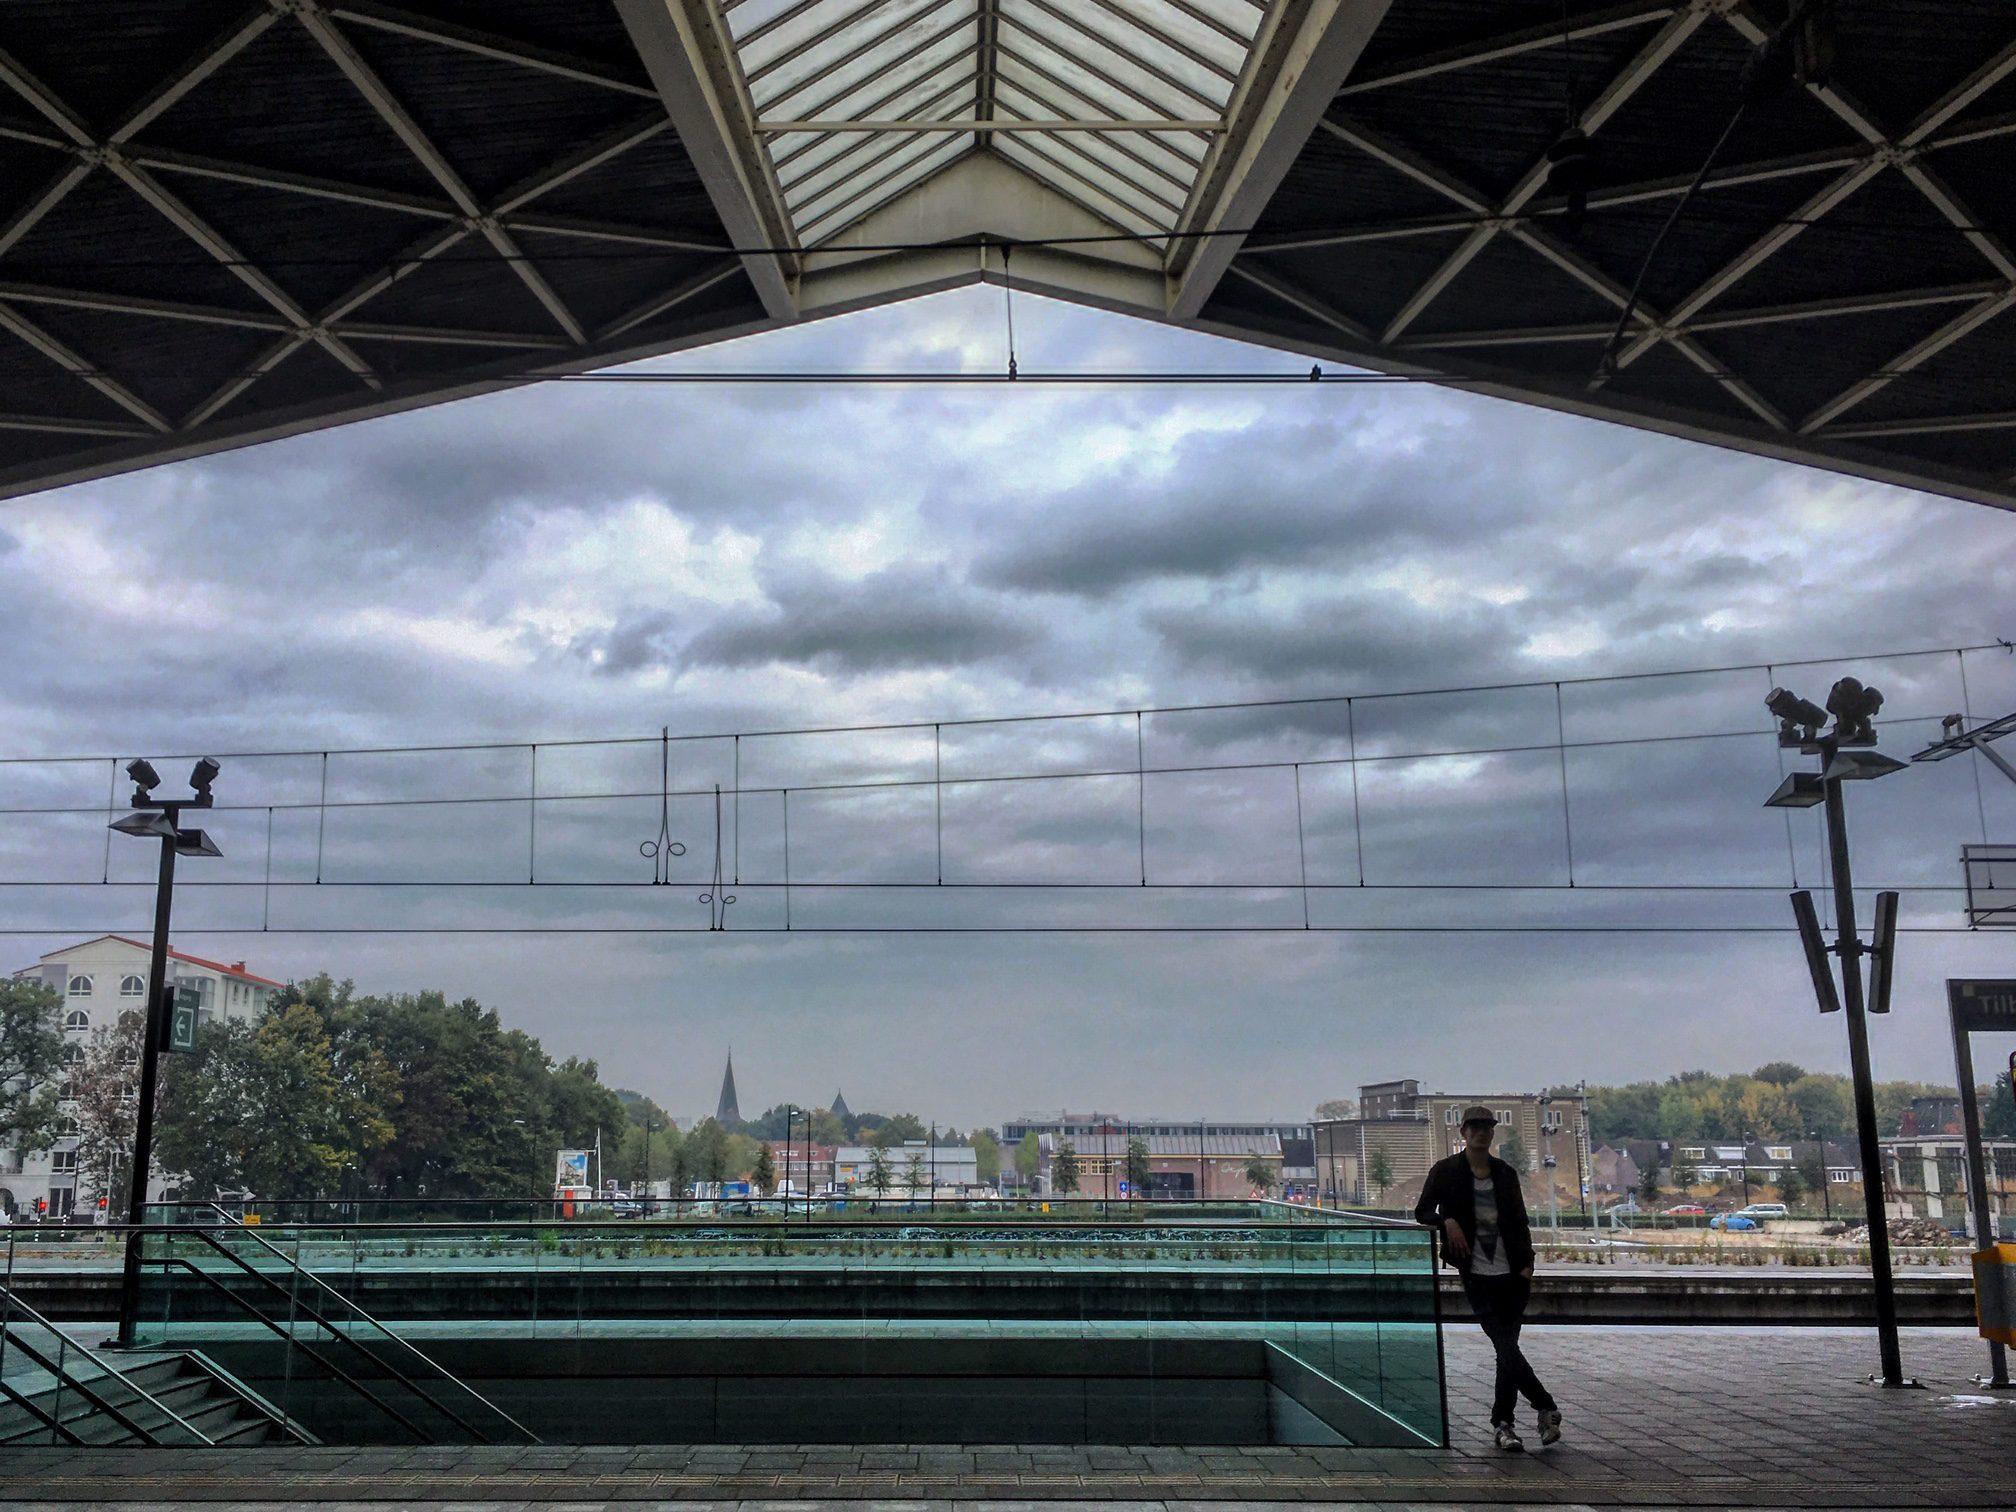 Het typische kroepoekdak van station Tilburg